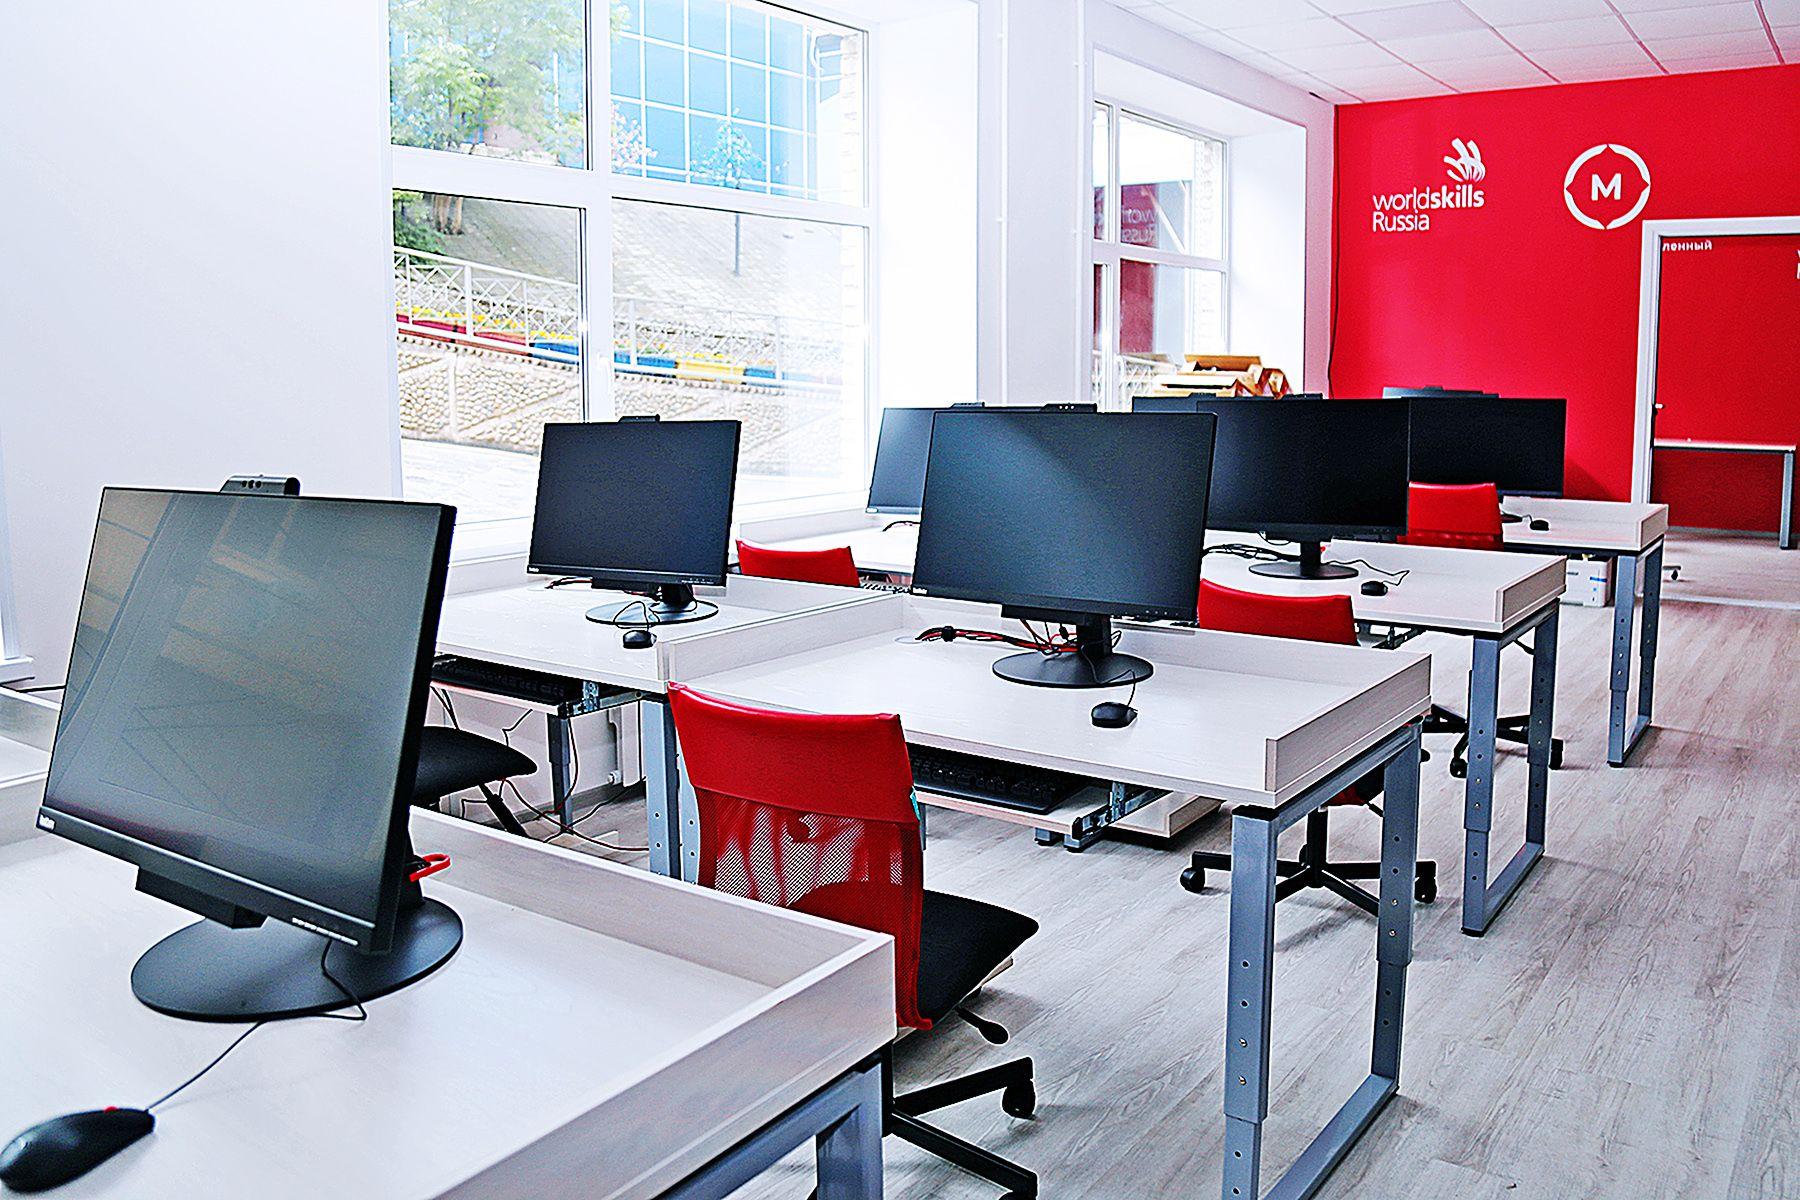 Во ВГУЭС в 2021 году будут созданы ещё 8 современных мастерских по стандартам Ворлдскиллс